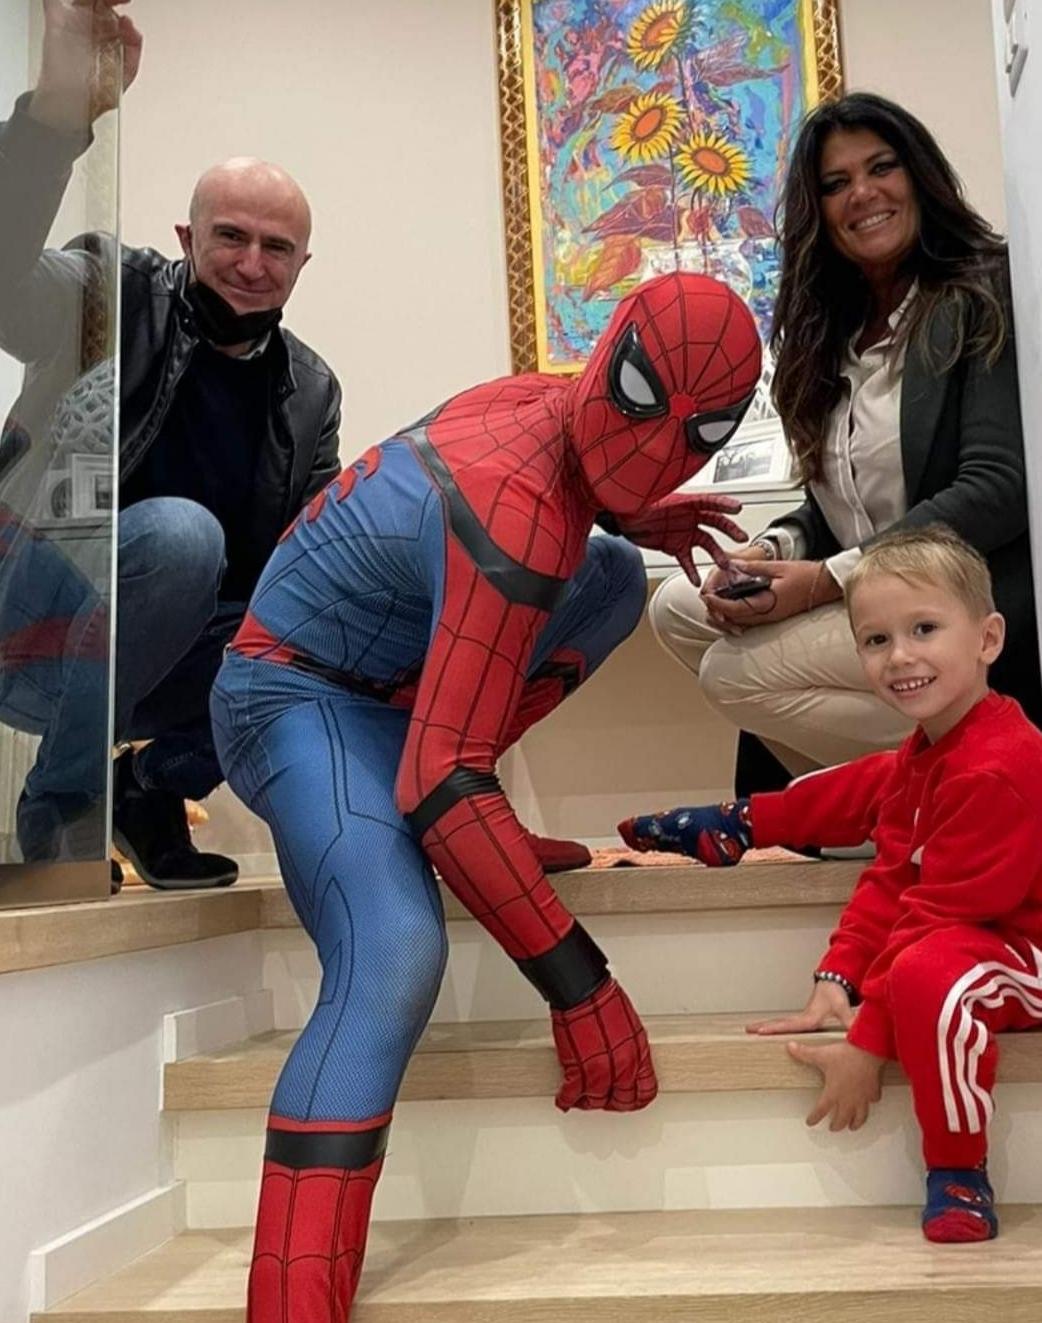 Bitonto: Giuseppe è in difficoltà, non può incontrare Spiderman che allora va a casa del bambino Durante la festa